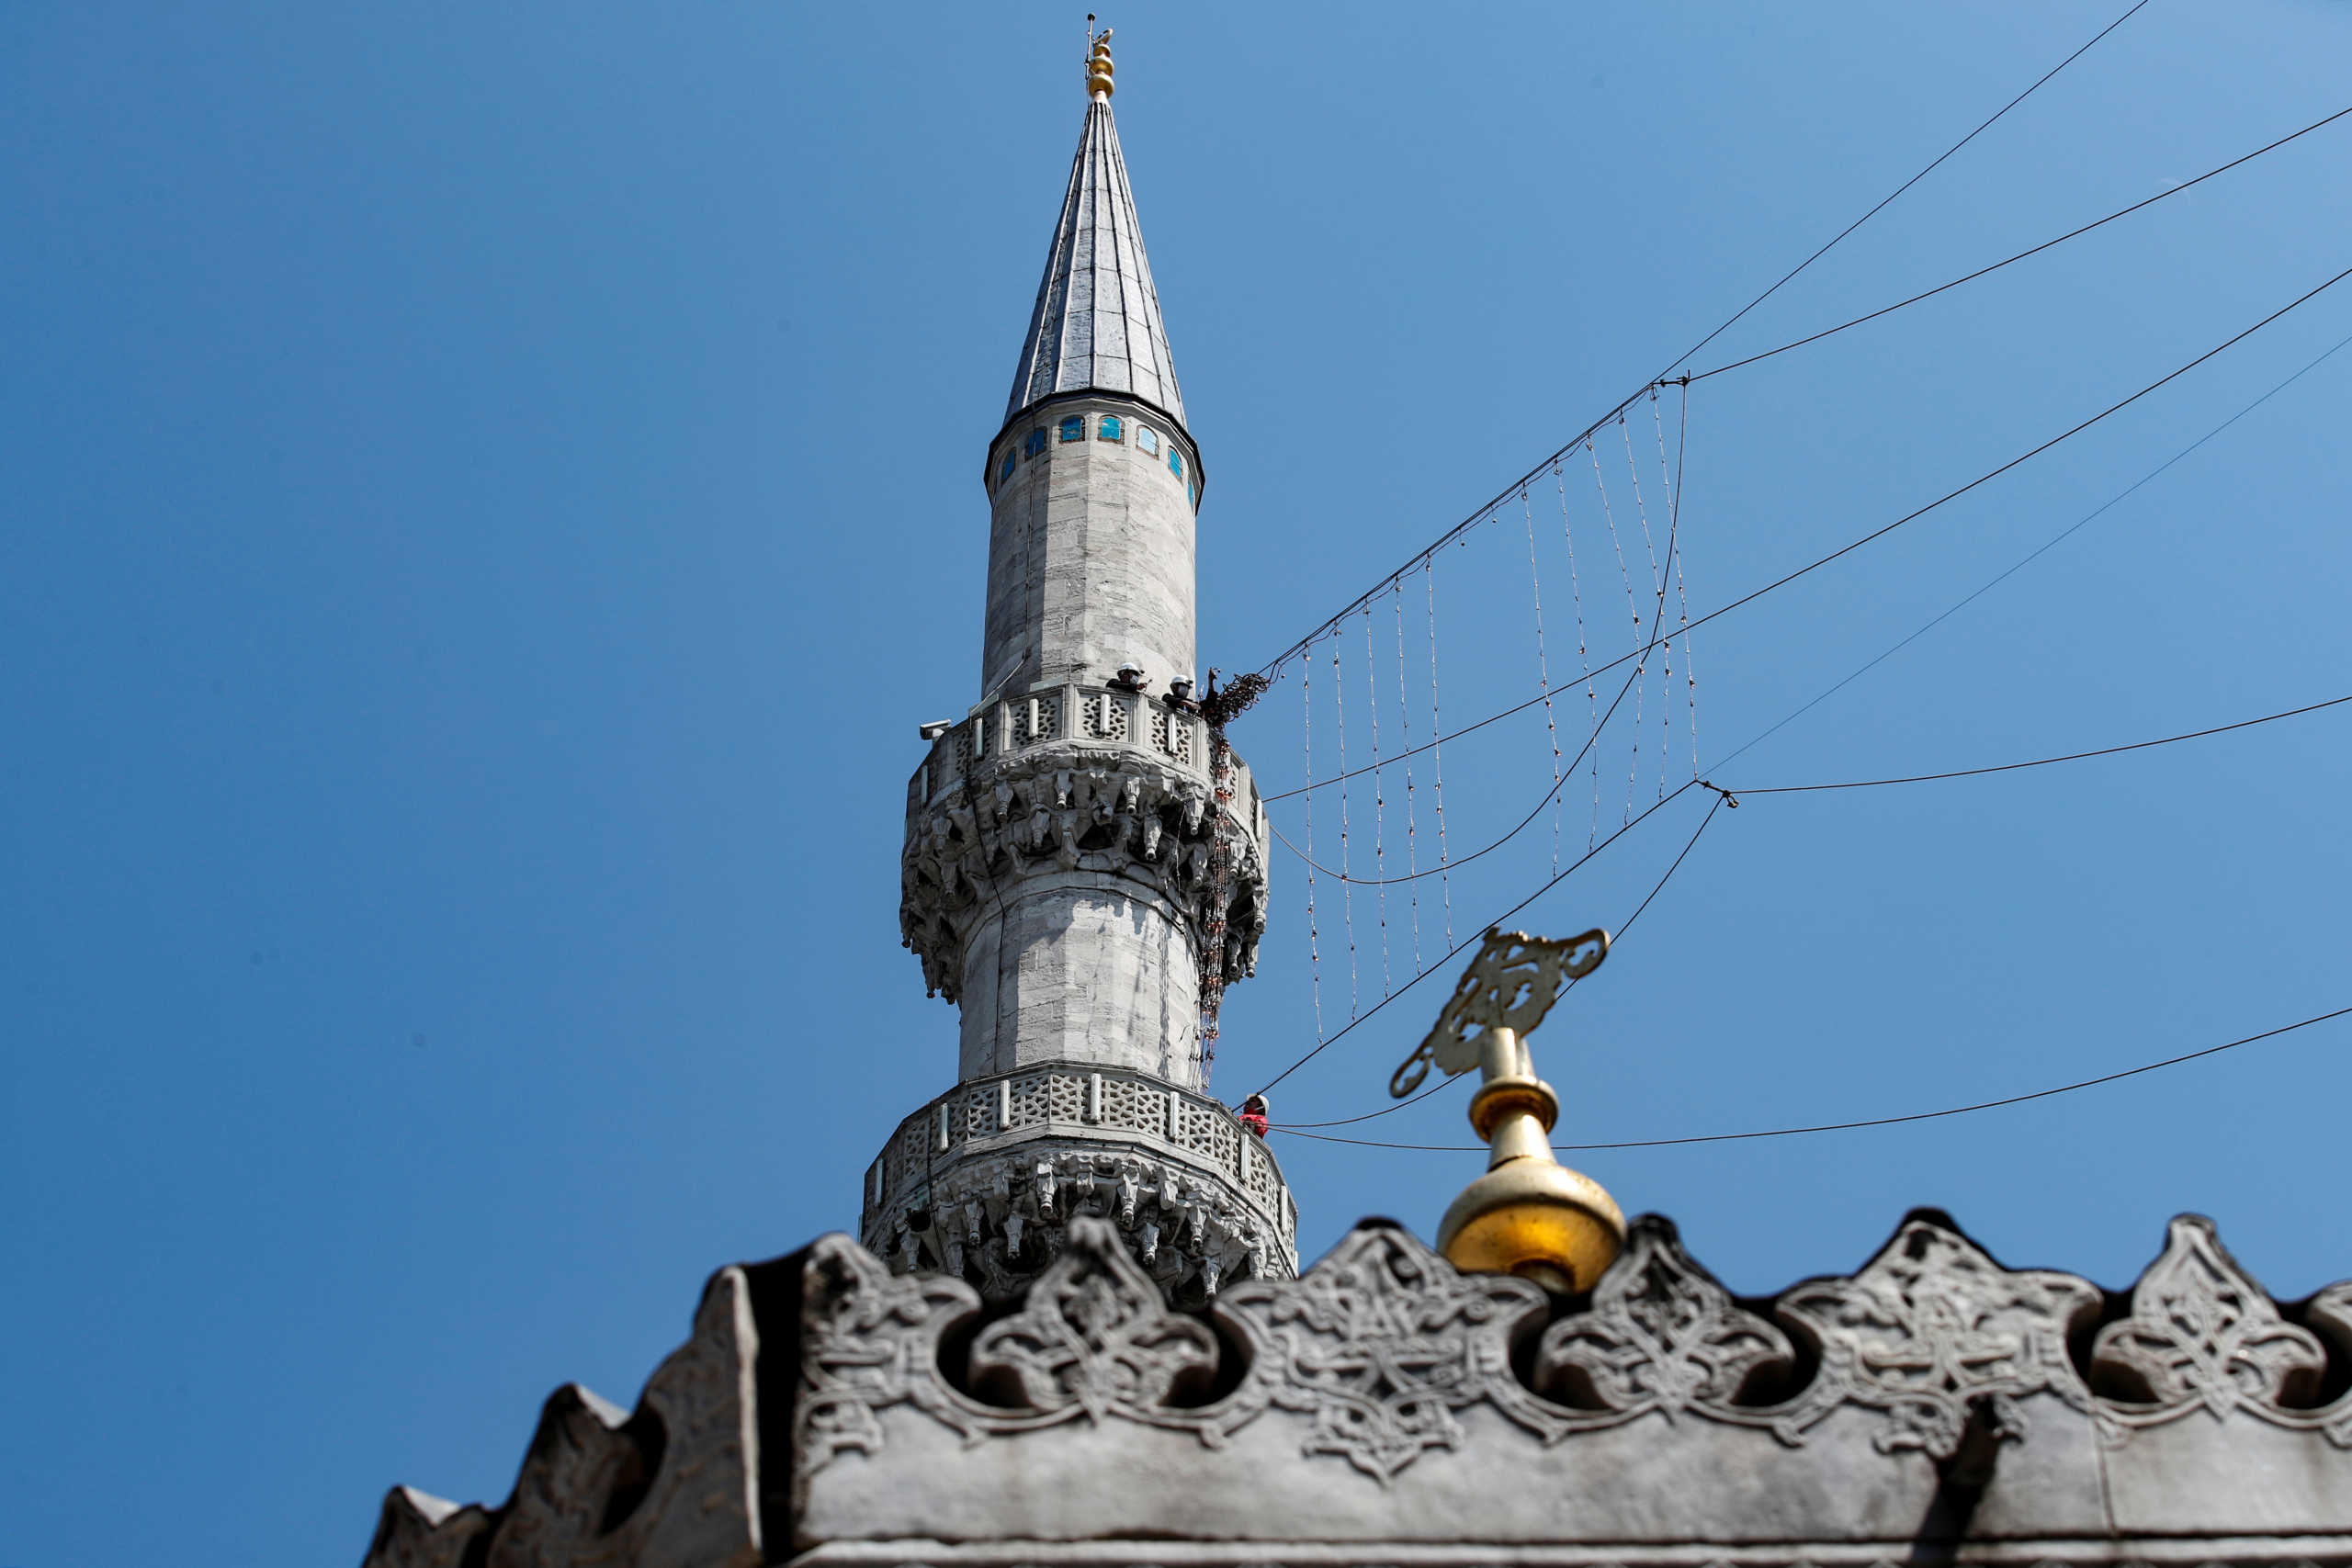 Γερμανία: Τα τζαμιά της Κολωνίας θα μεταδίδουν με μεγάφωνα την πρόσκληση για την προσευχή της Παρασκευής